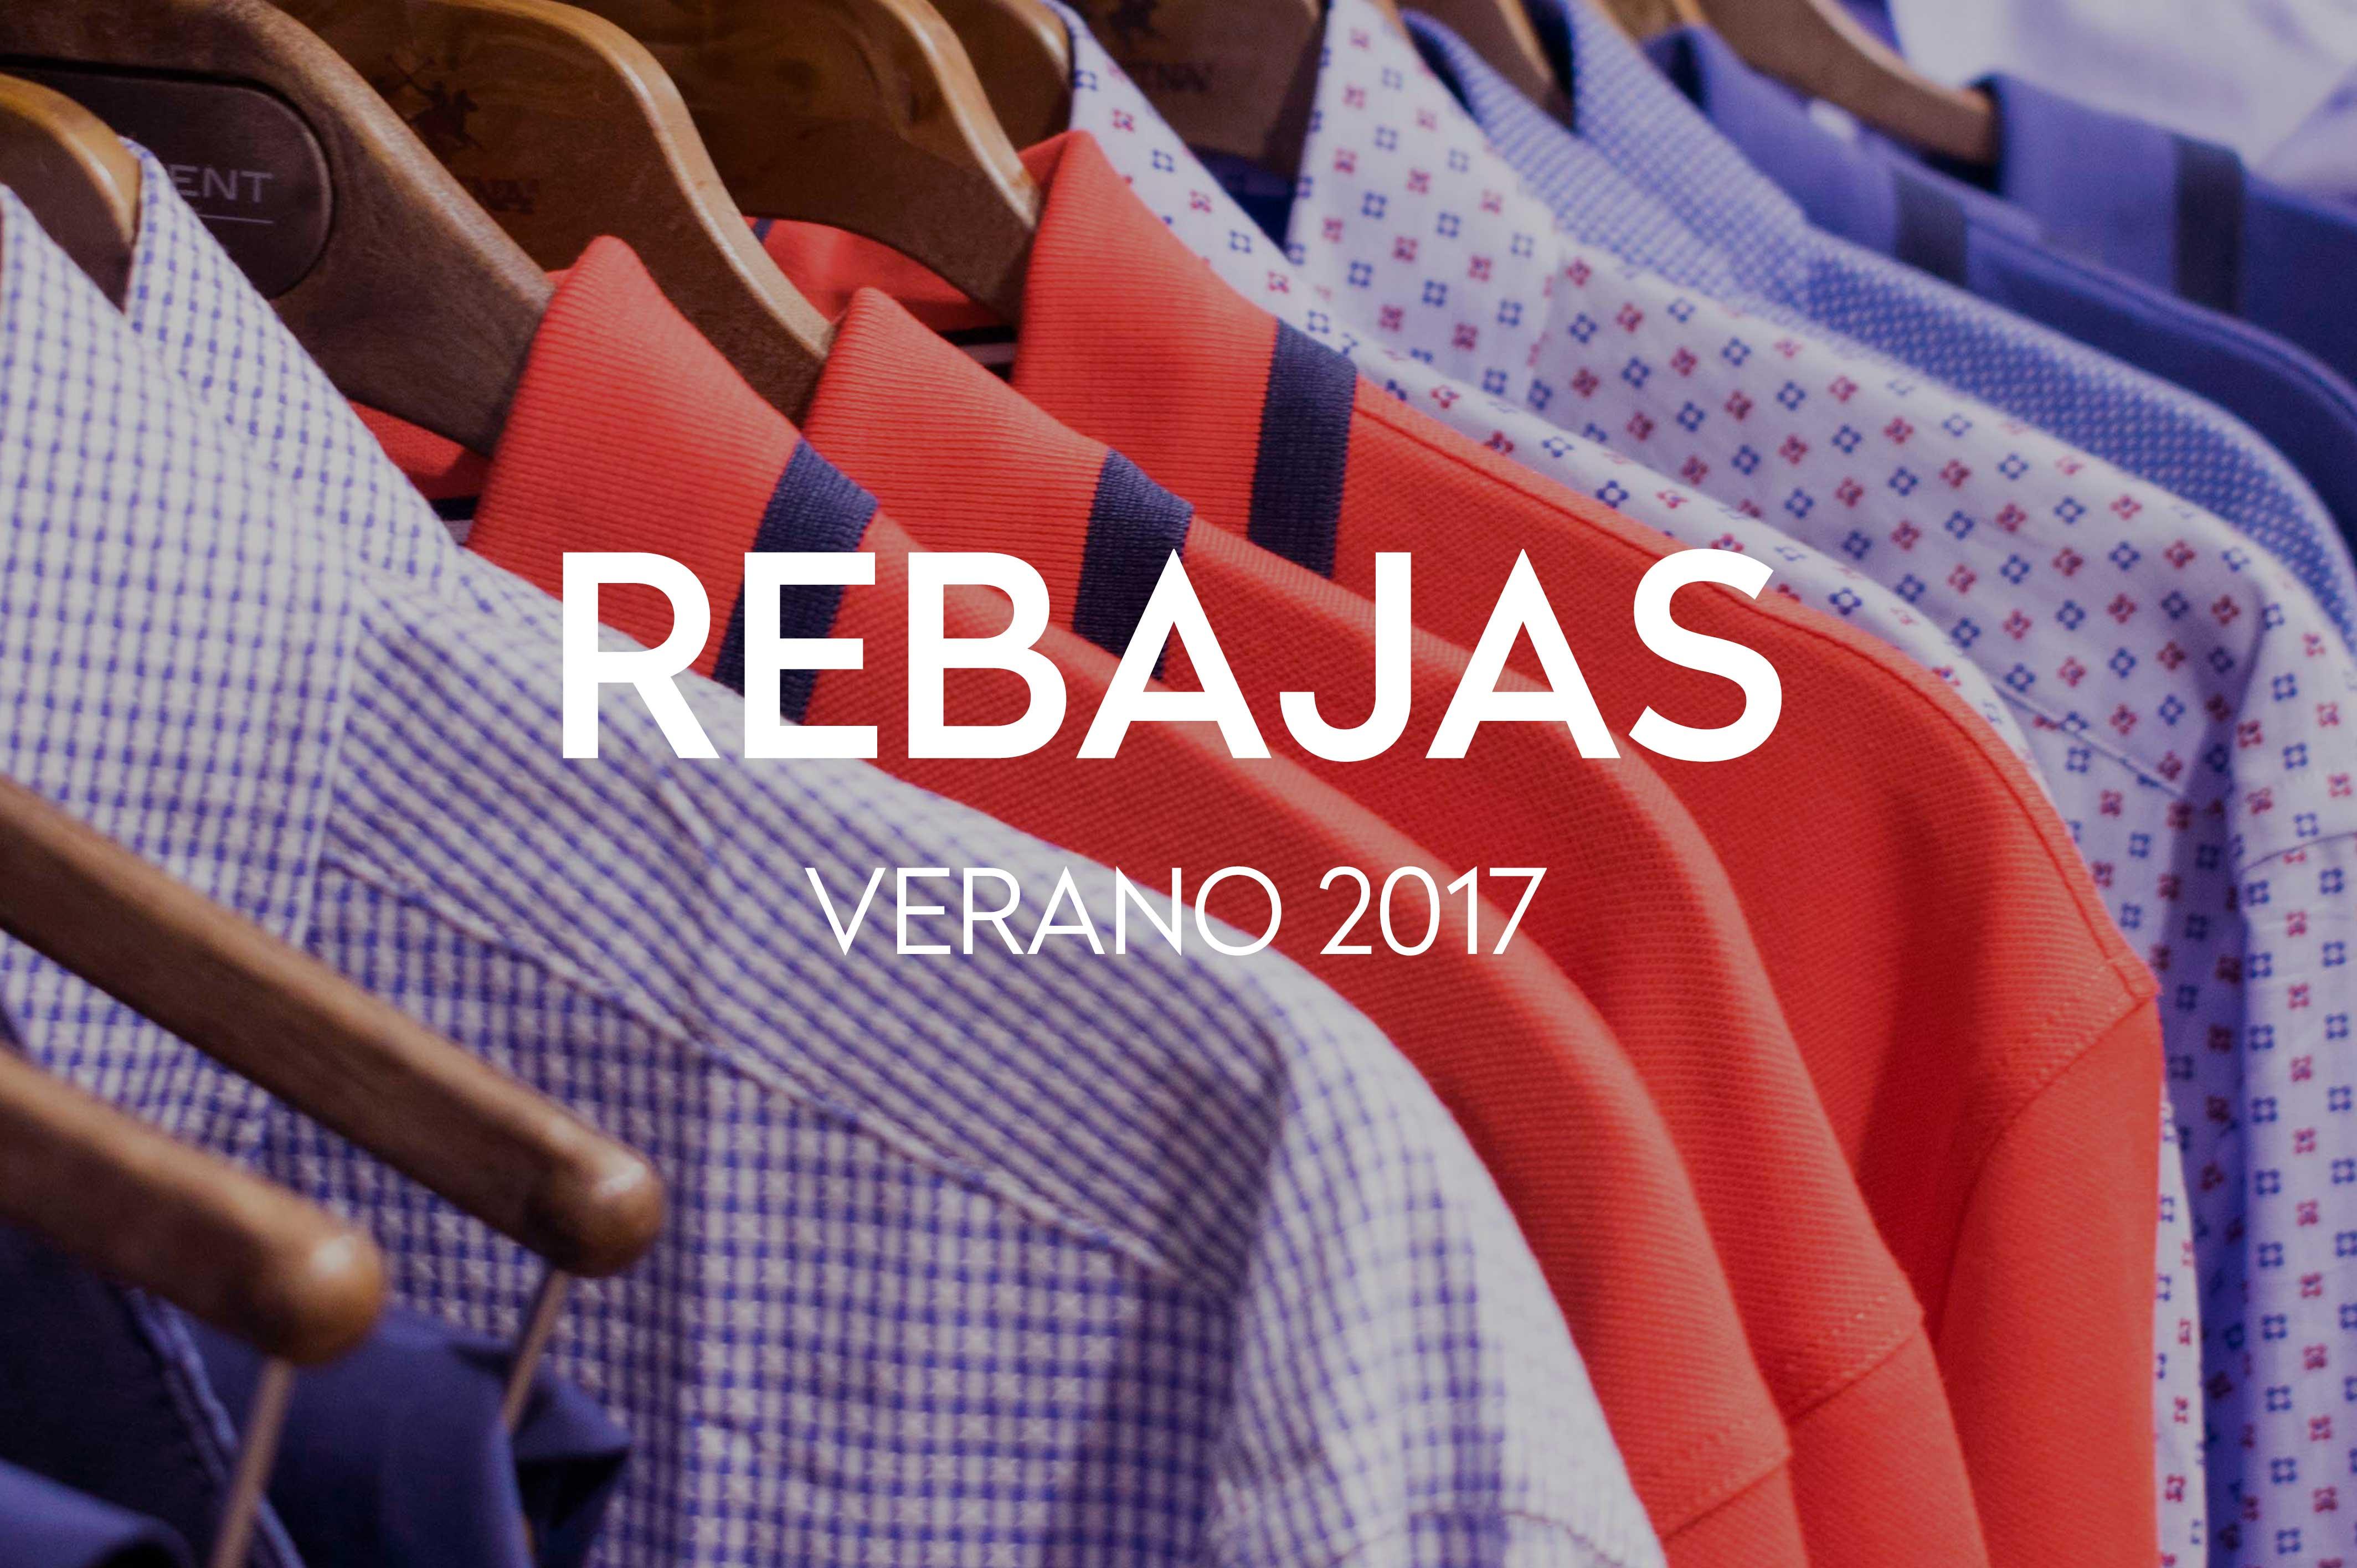 Rebajas Verano 2017 - Benavent Alicante